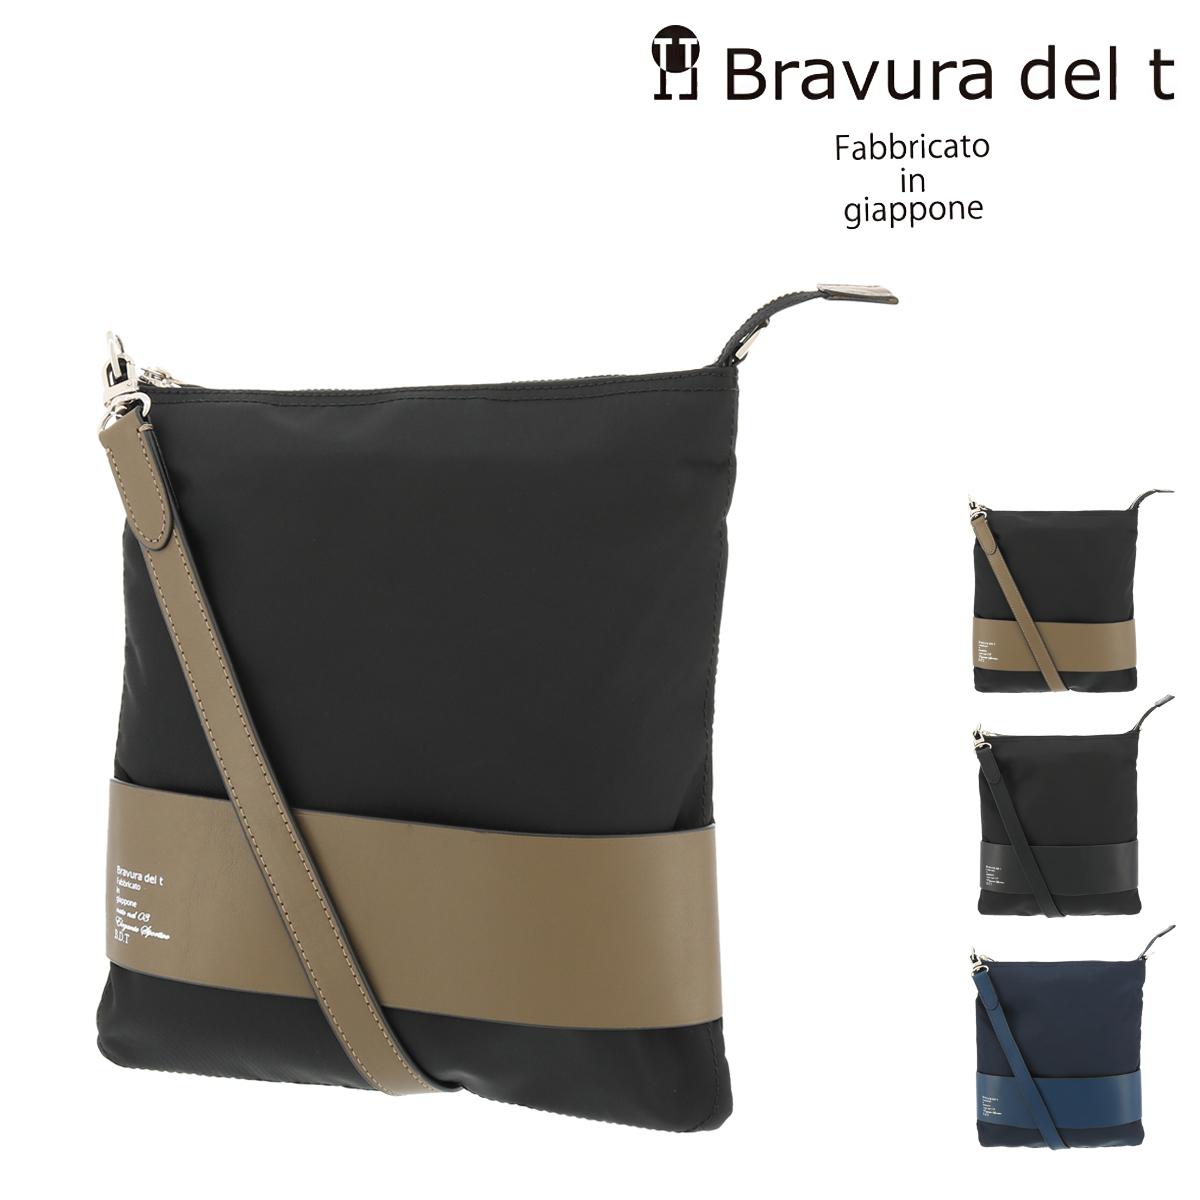 ブラビューラ デルティ ショルダーバッグ 縦型 メンズ11018 日本製 Bravura del t | 斜めがけ [即日発送]